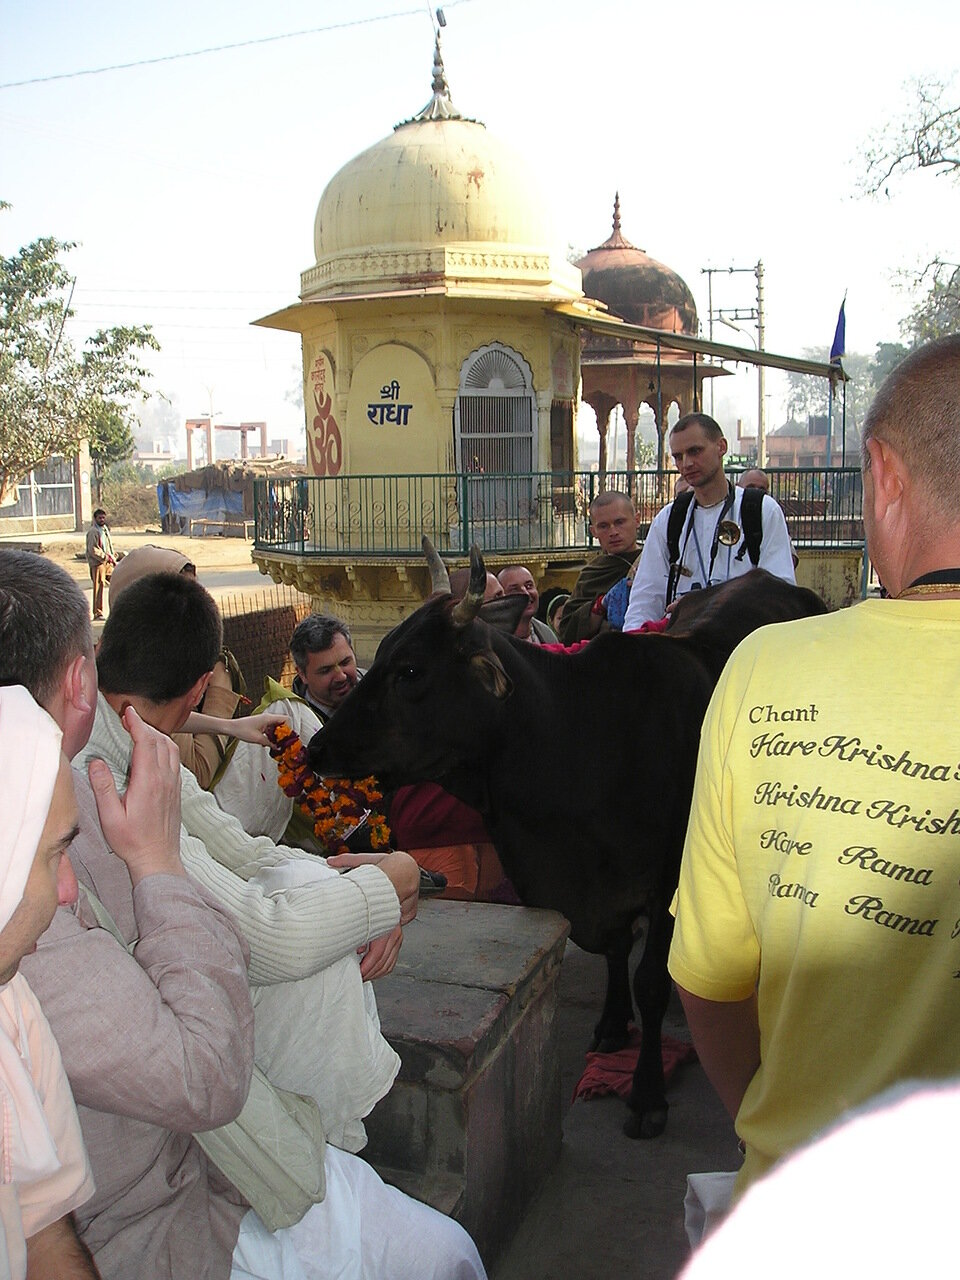 Вриндаван, Индия, русские паломники и индийская корова слушают лекцию Госвами Махараджа на русском языке